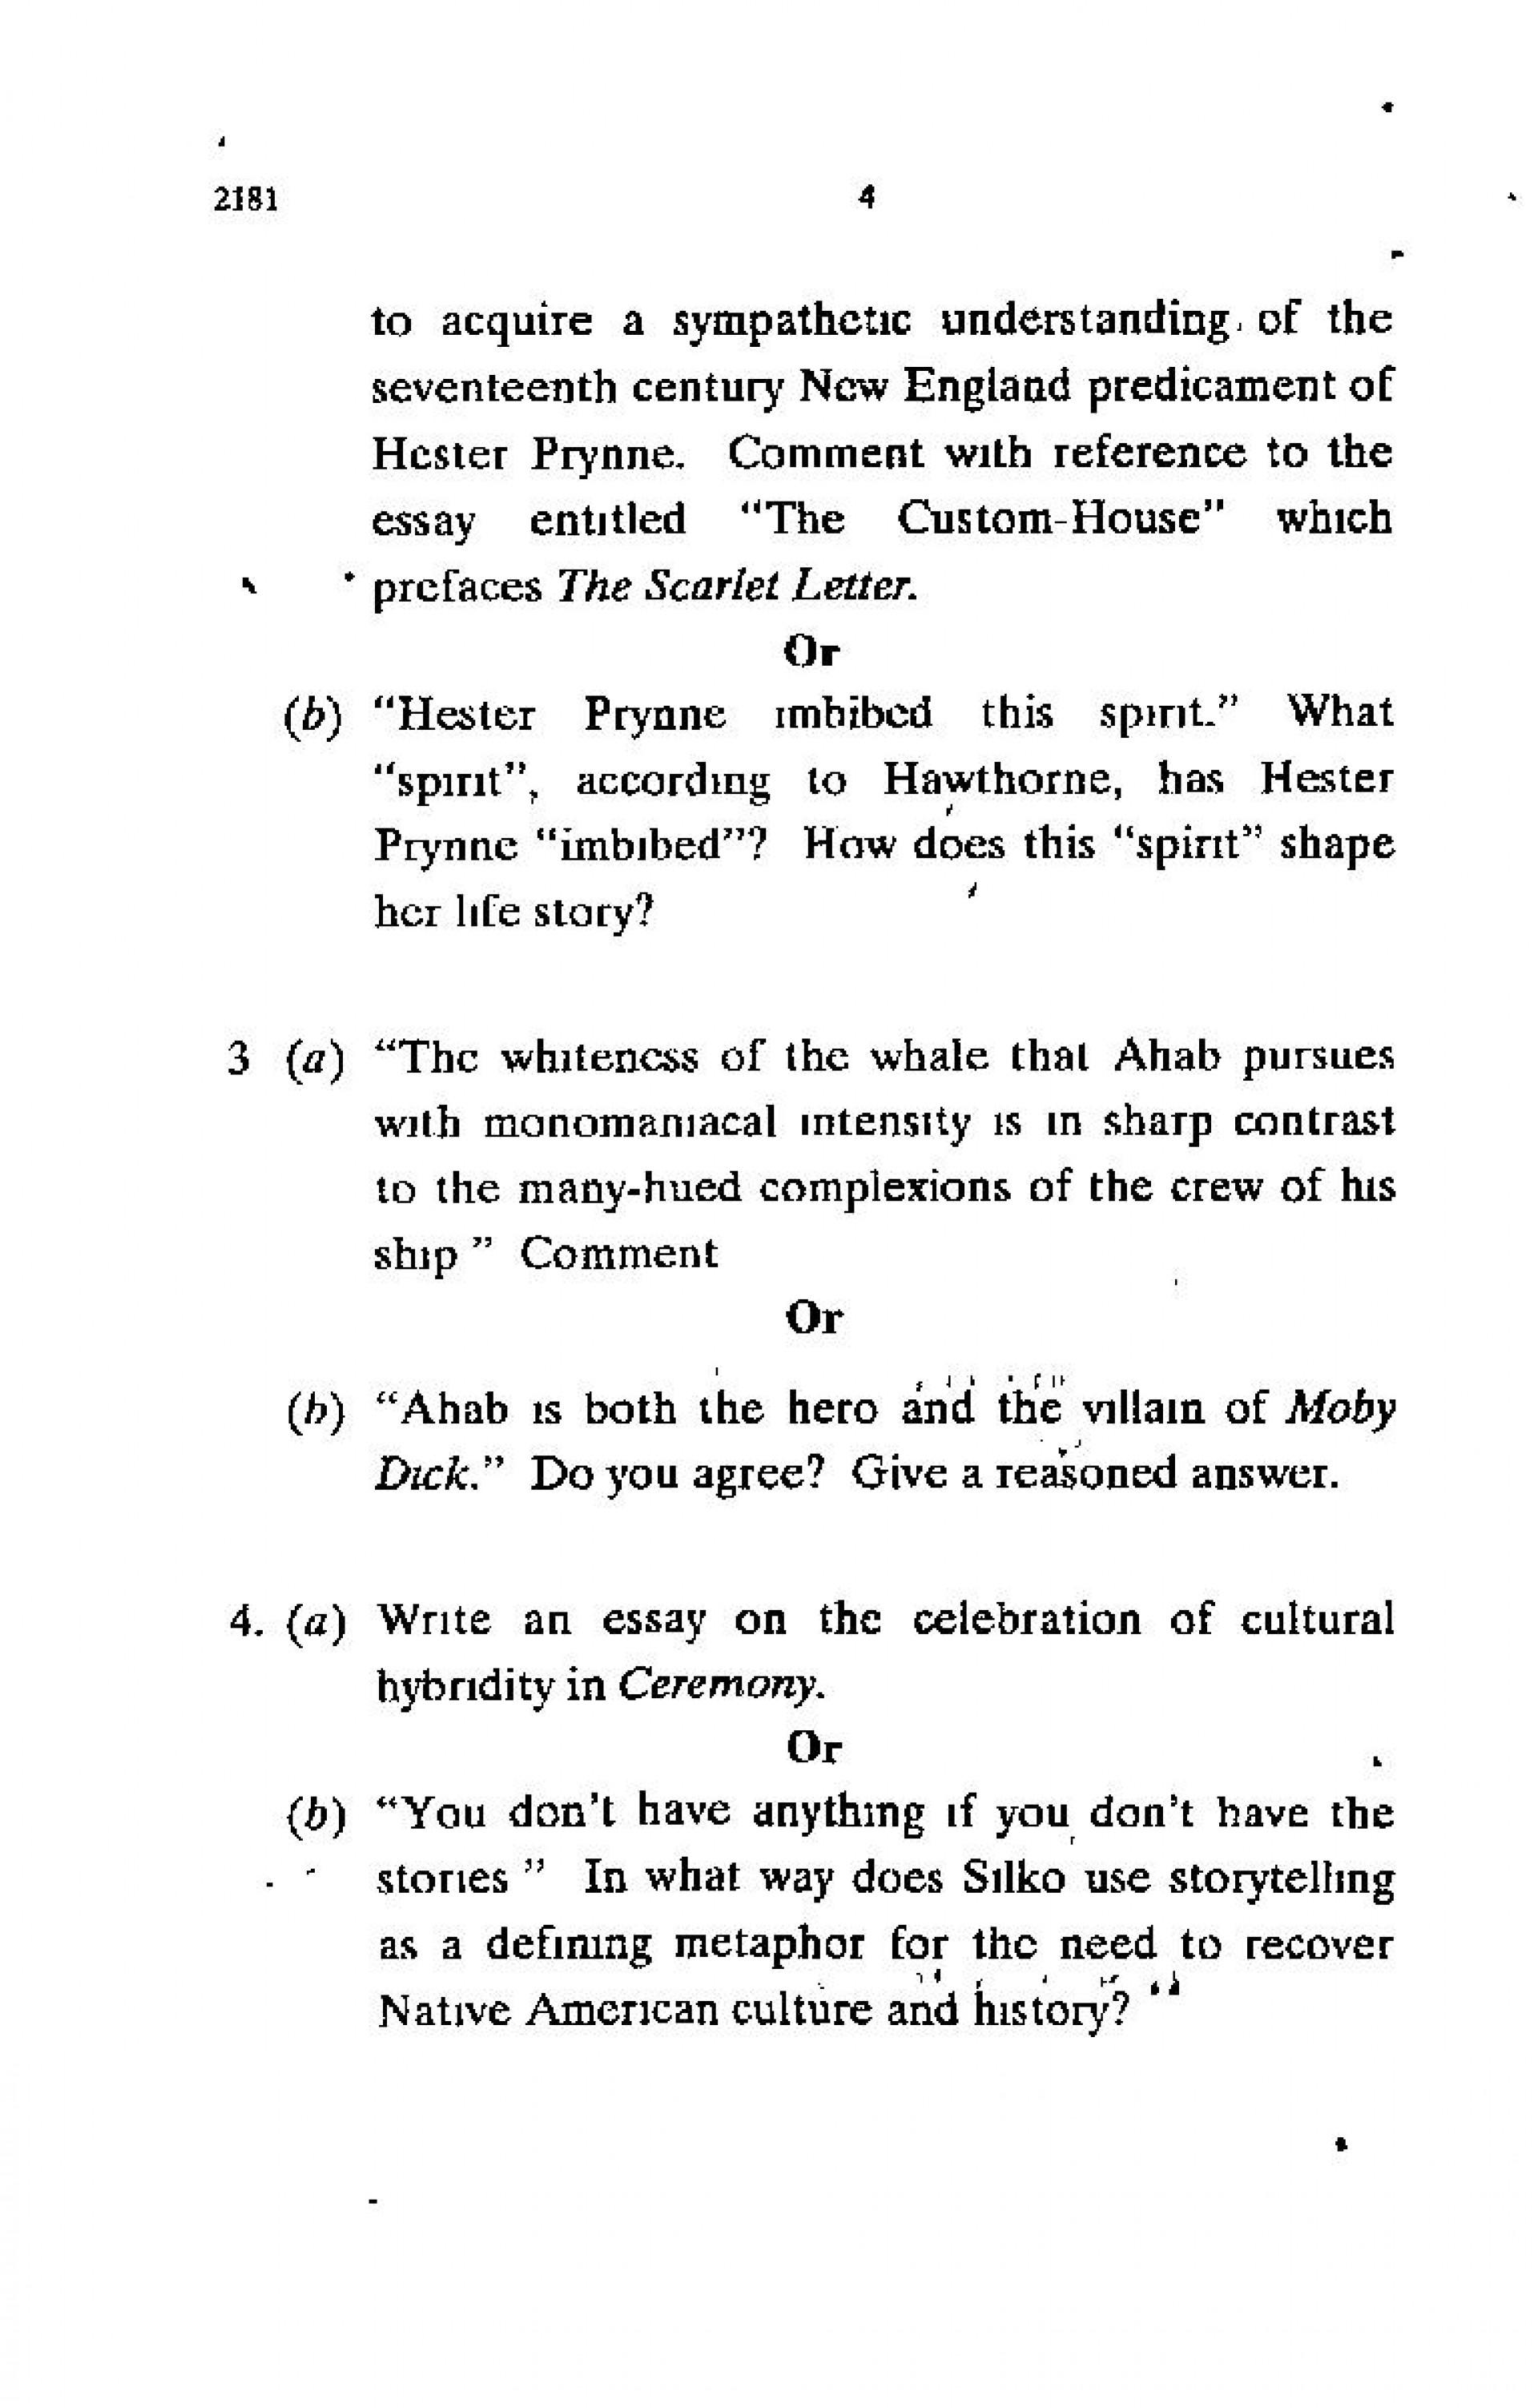 003 Essay Example Native American Questions American2bliterature Page Fantastic Art Topics Interesting Paper Culture 1920